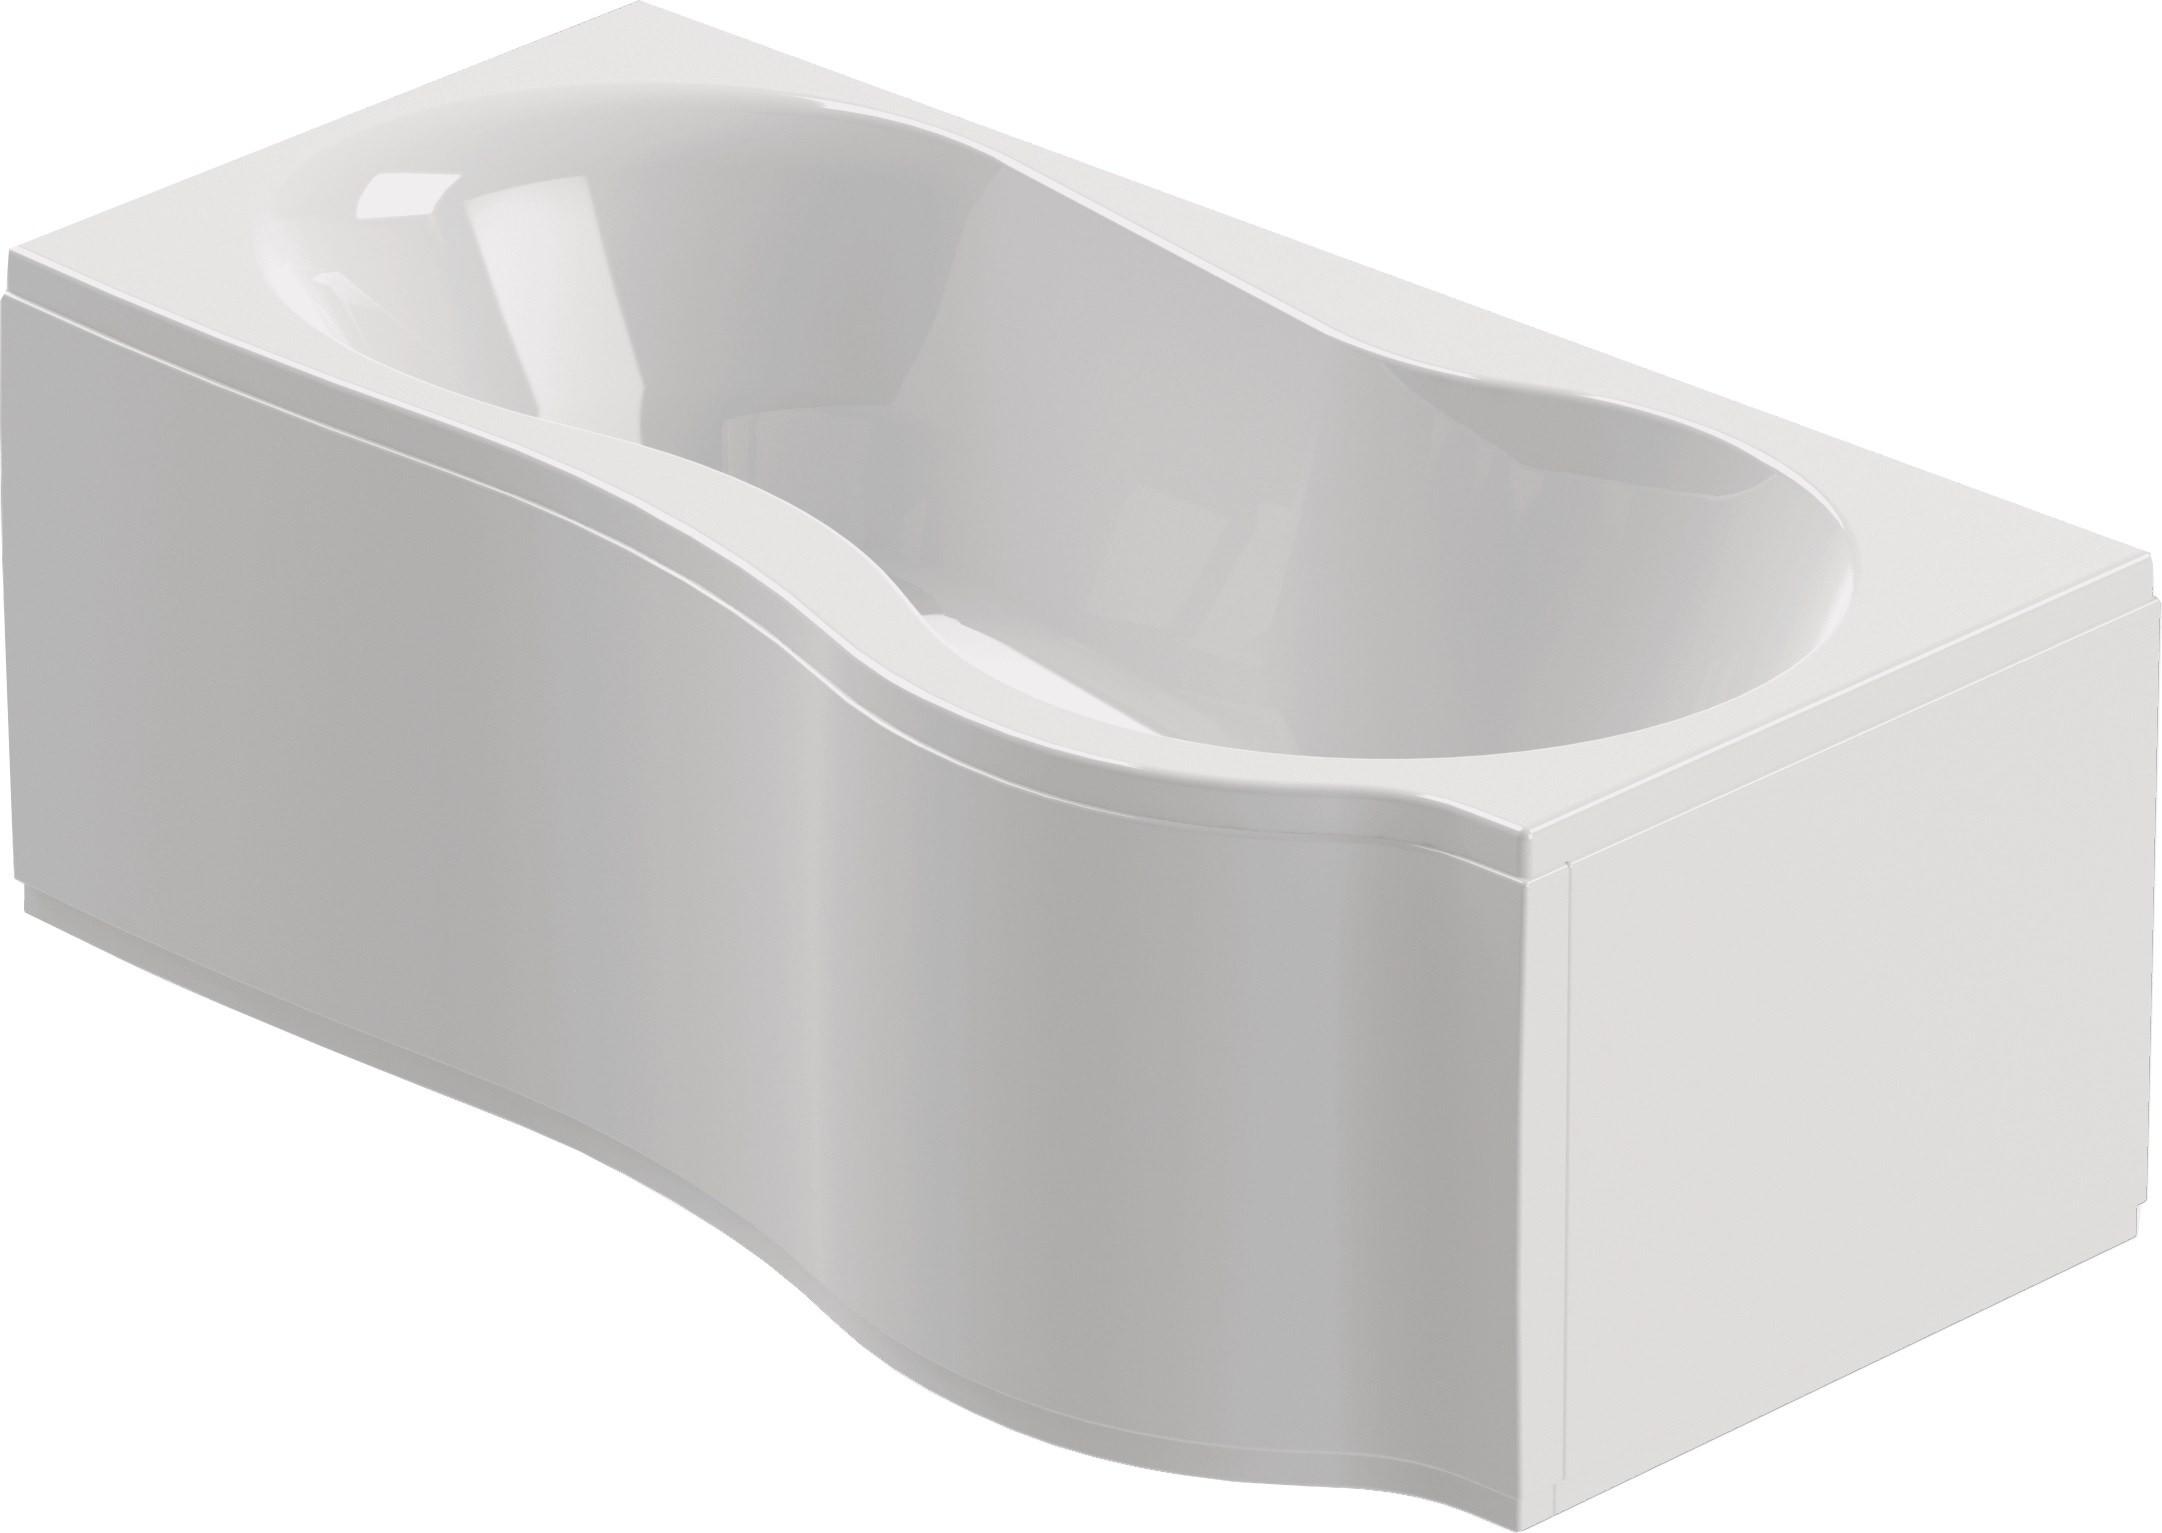 chr schr der flora kombi badewanne 180cm x 75 90cm rechts mit sch rze. Black Bedroom Furniture Sets. Home Design Ideas